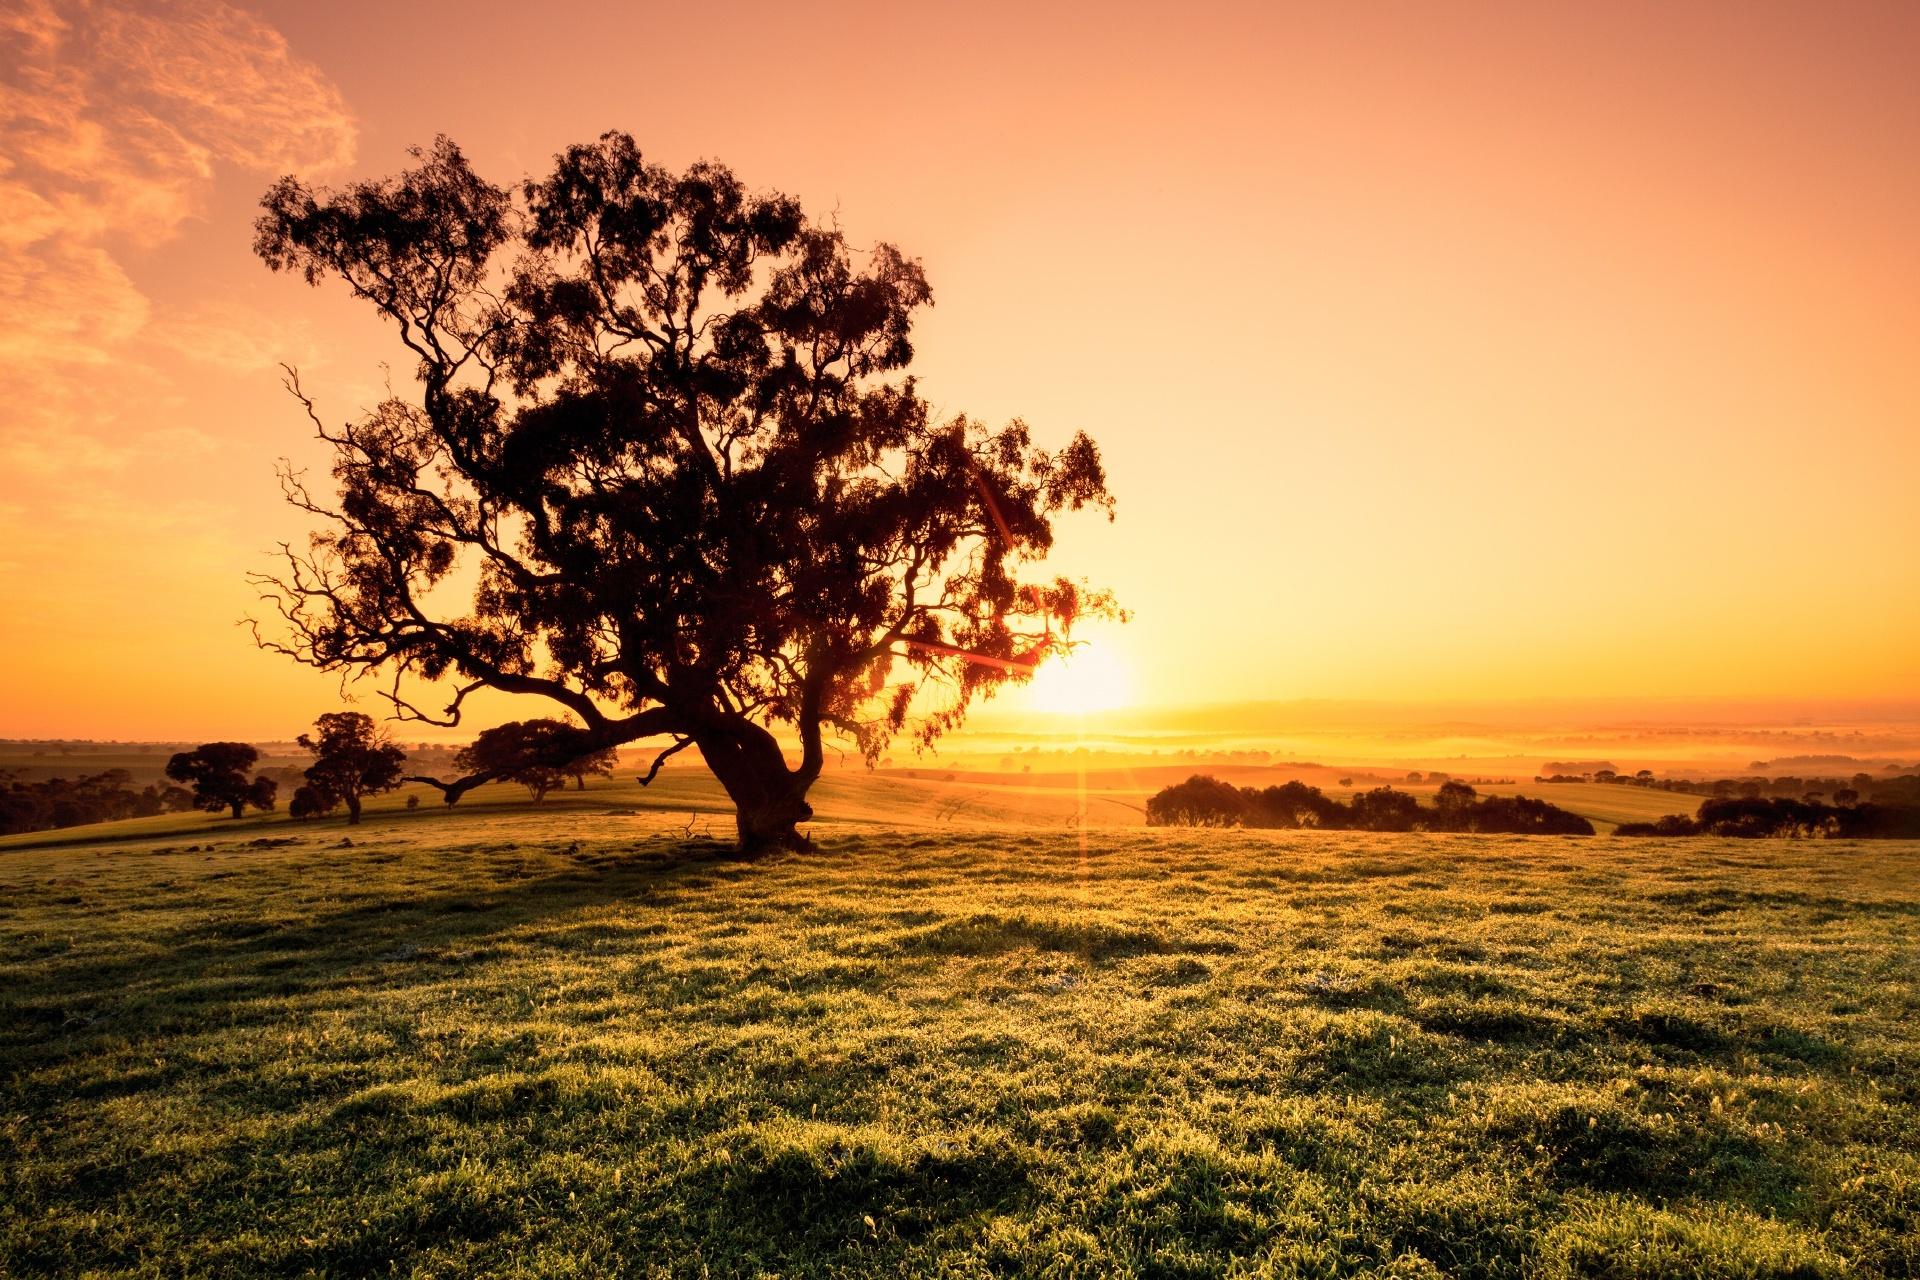 朝のクレア・バレー オーストラリアの風景